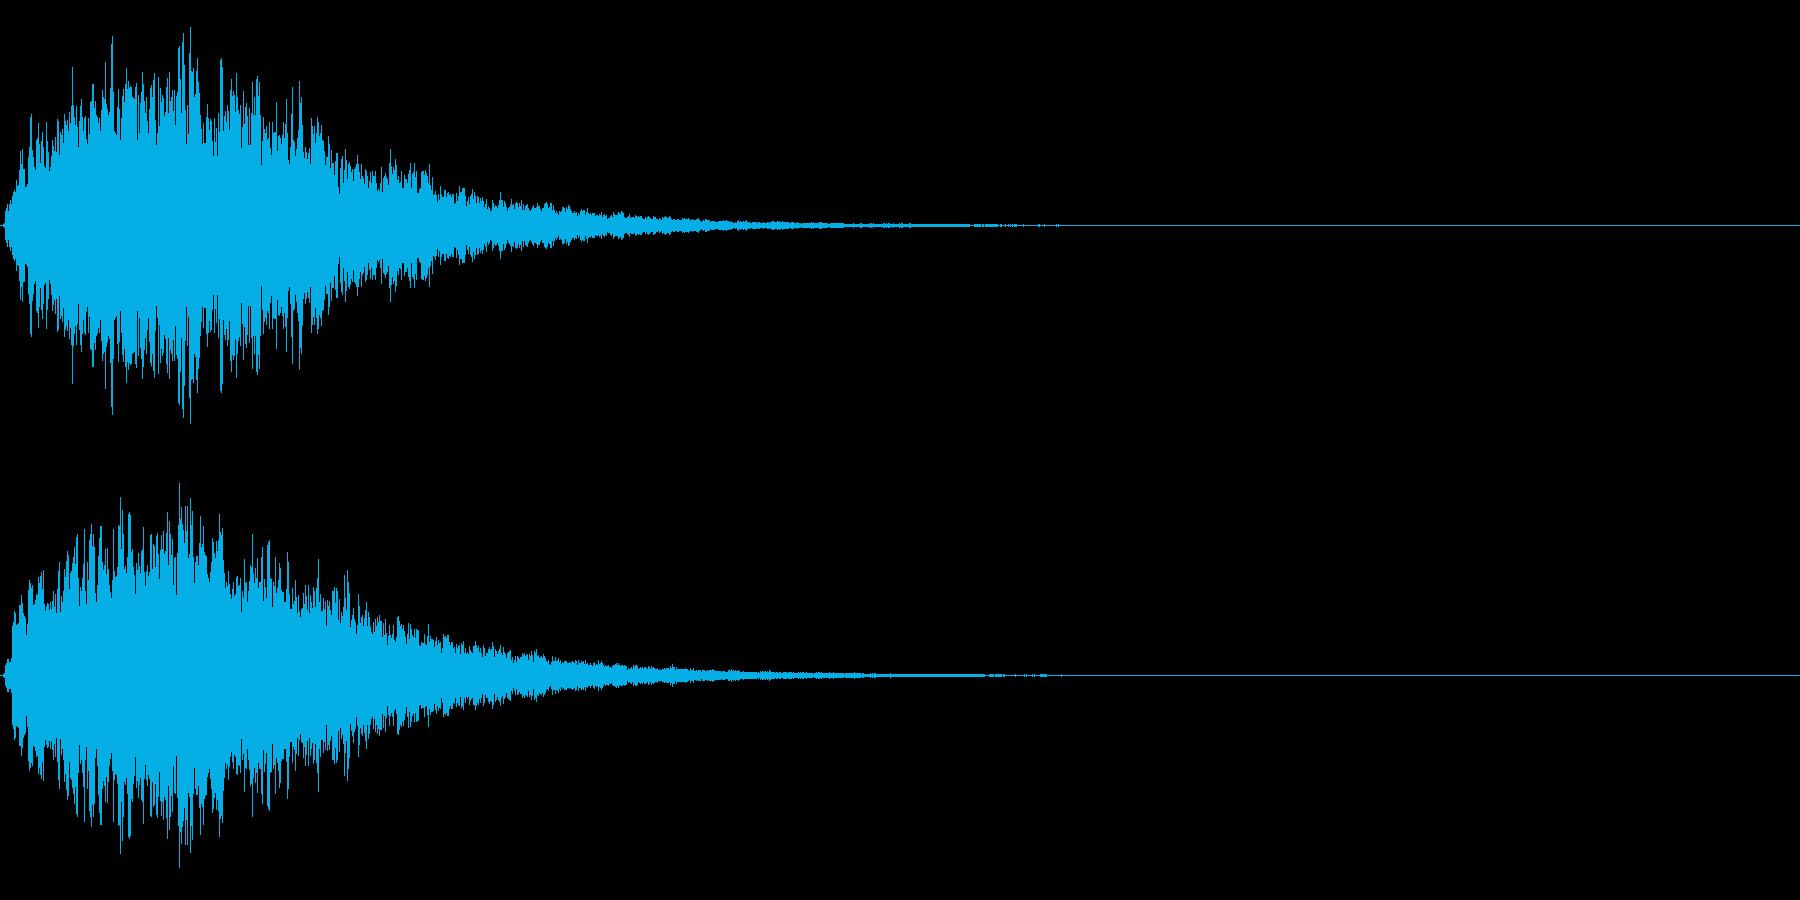 ゲームスタート、決定、ボタン音-039の再生済みの波形